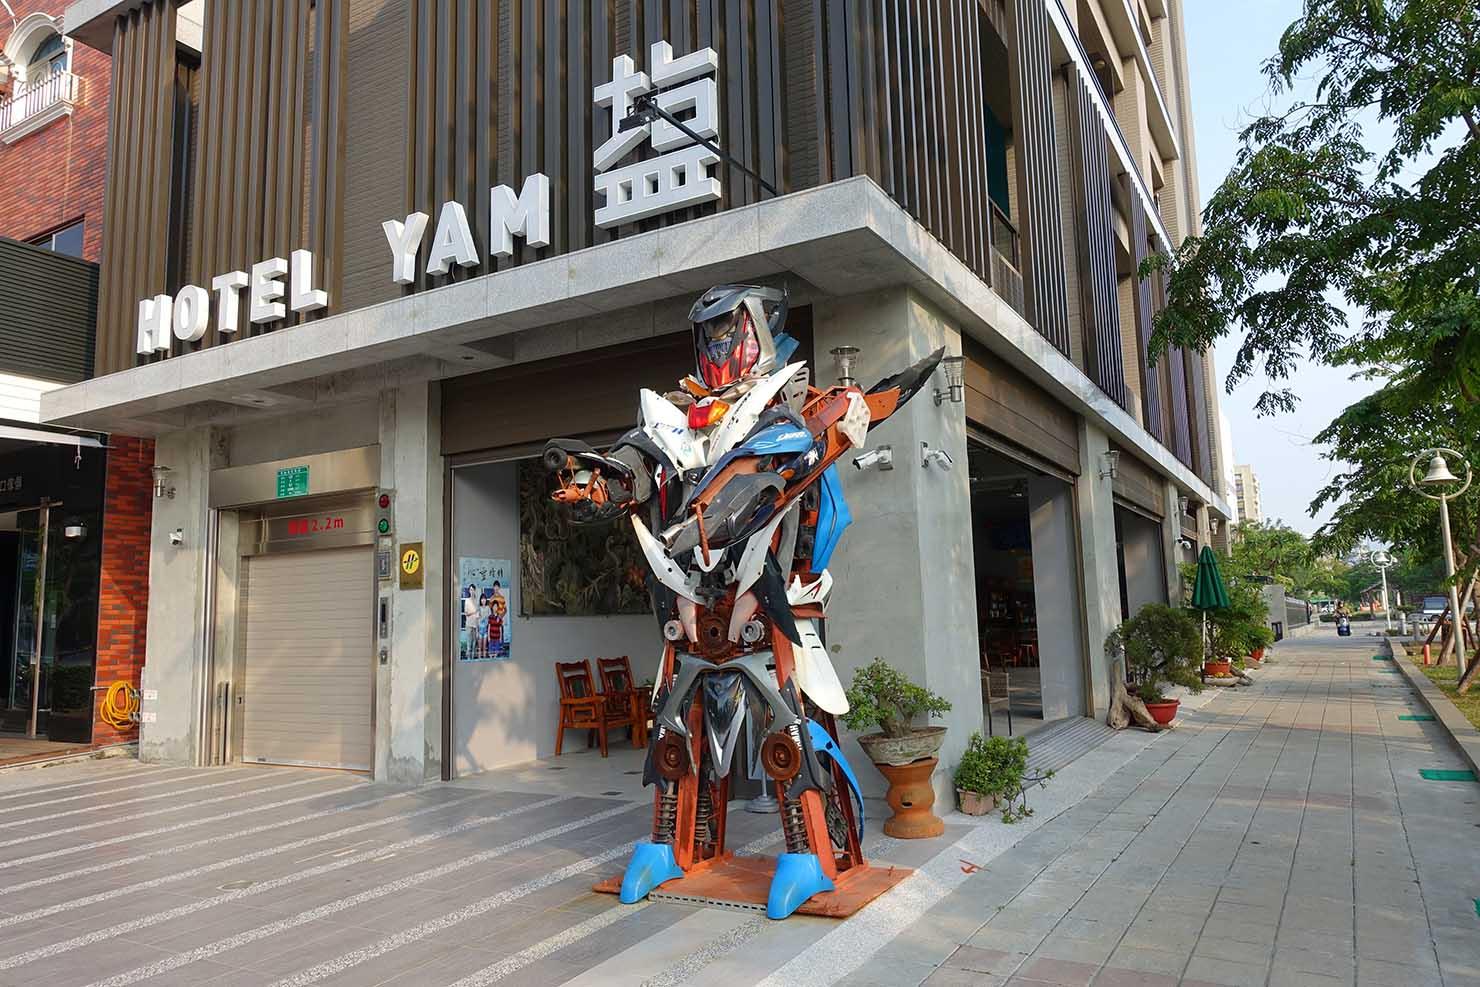 高雄・鹽埕埔のおすすめLGBTフレンドリーホテル「塩旅社 Hotel Yam」のエントランス